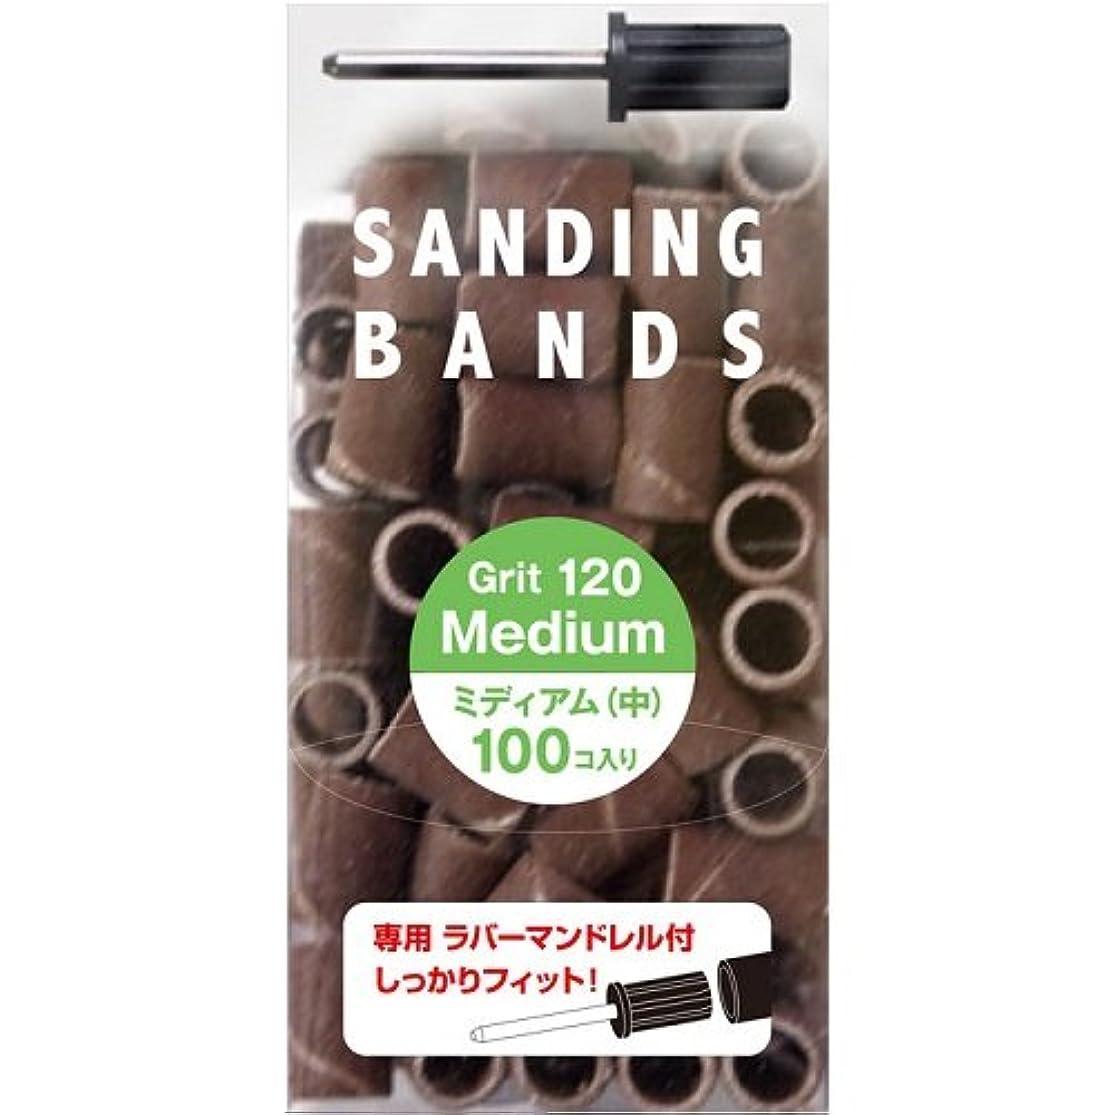 リファインベジタリアン縁石サンディングバンド(SB-120)